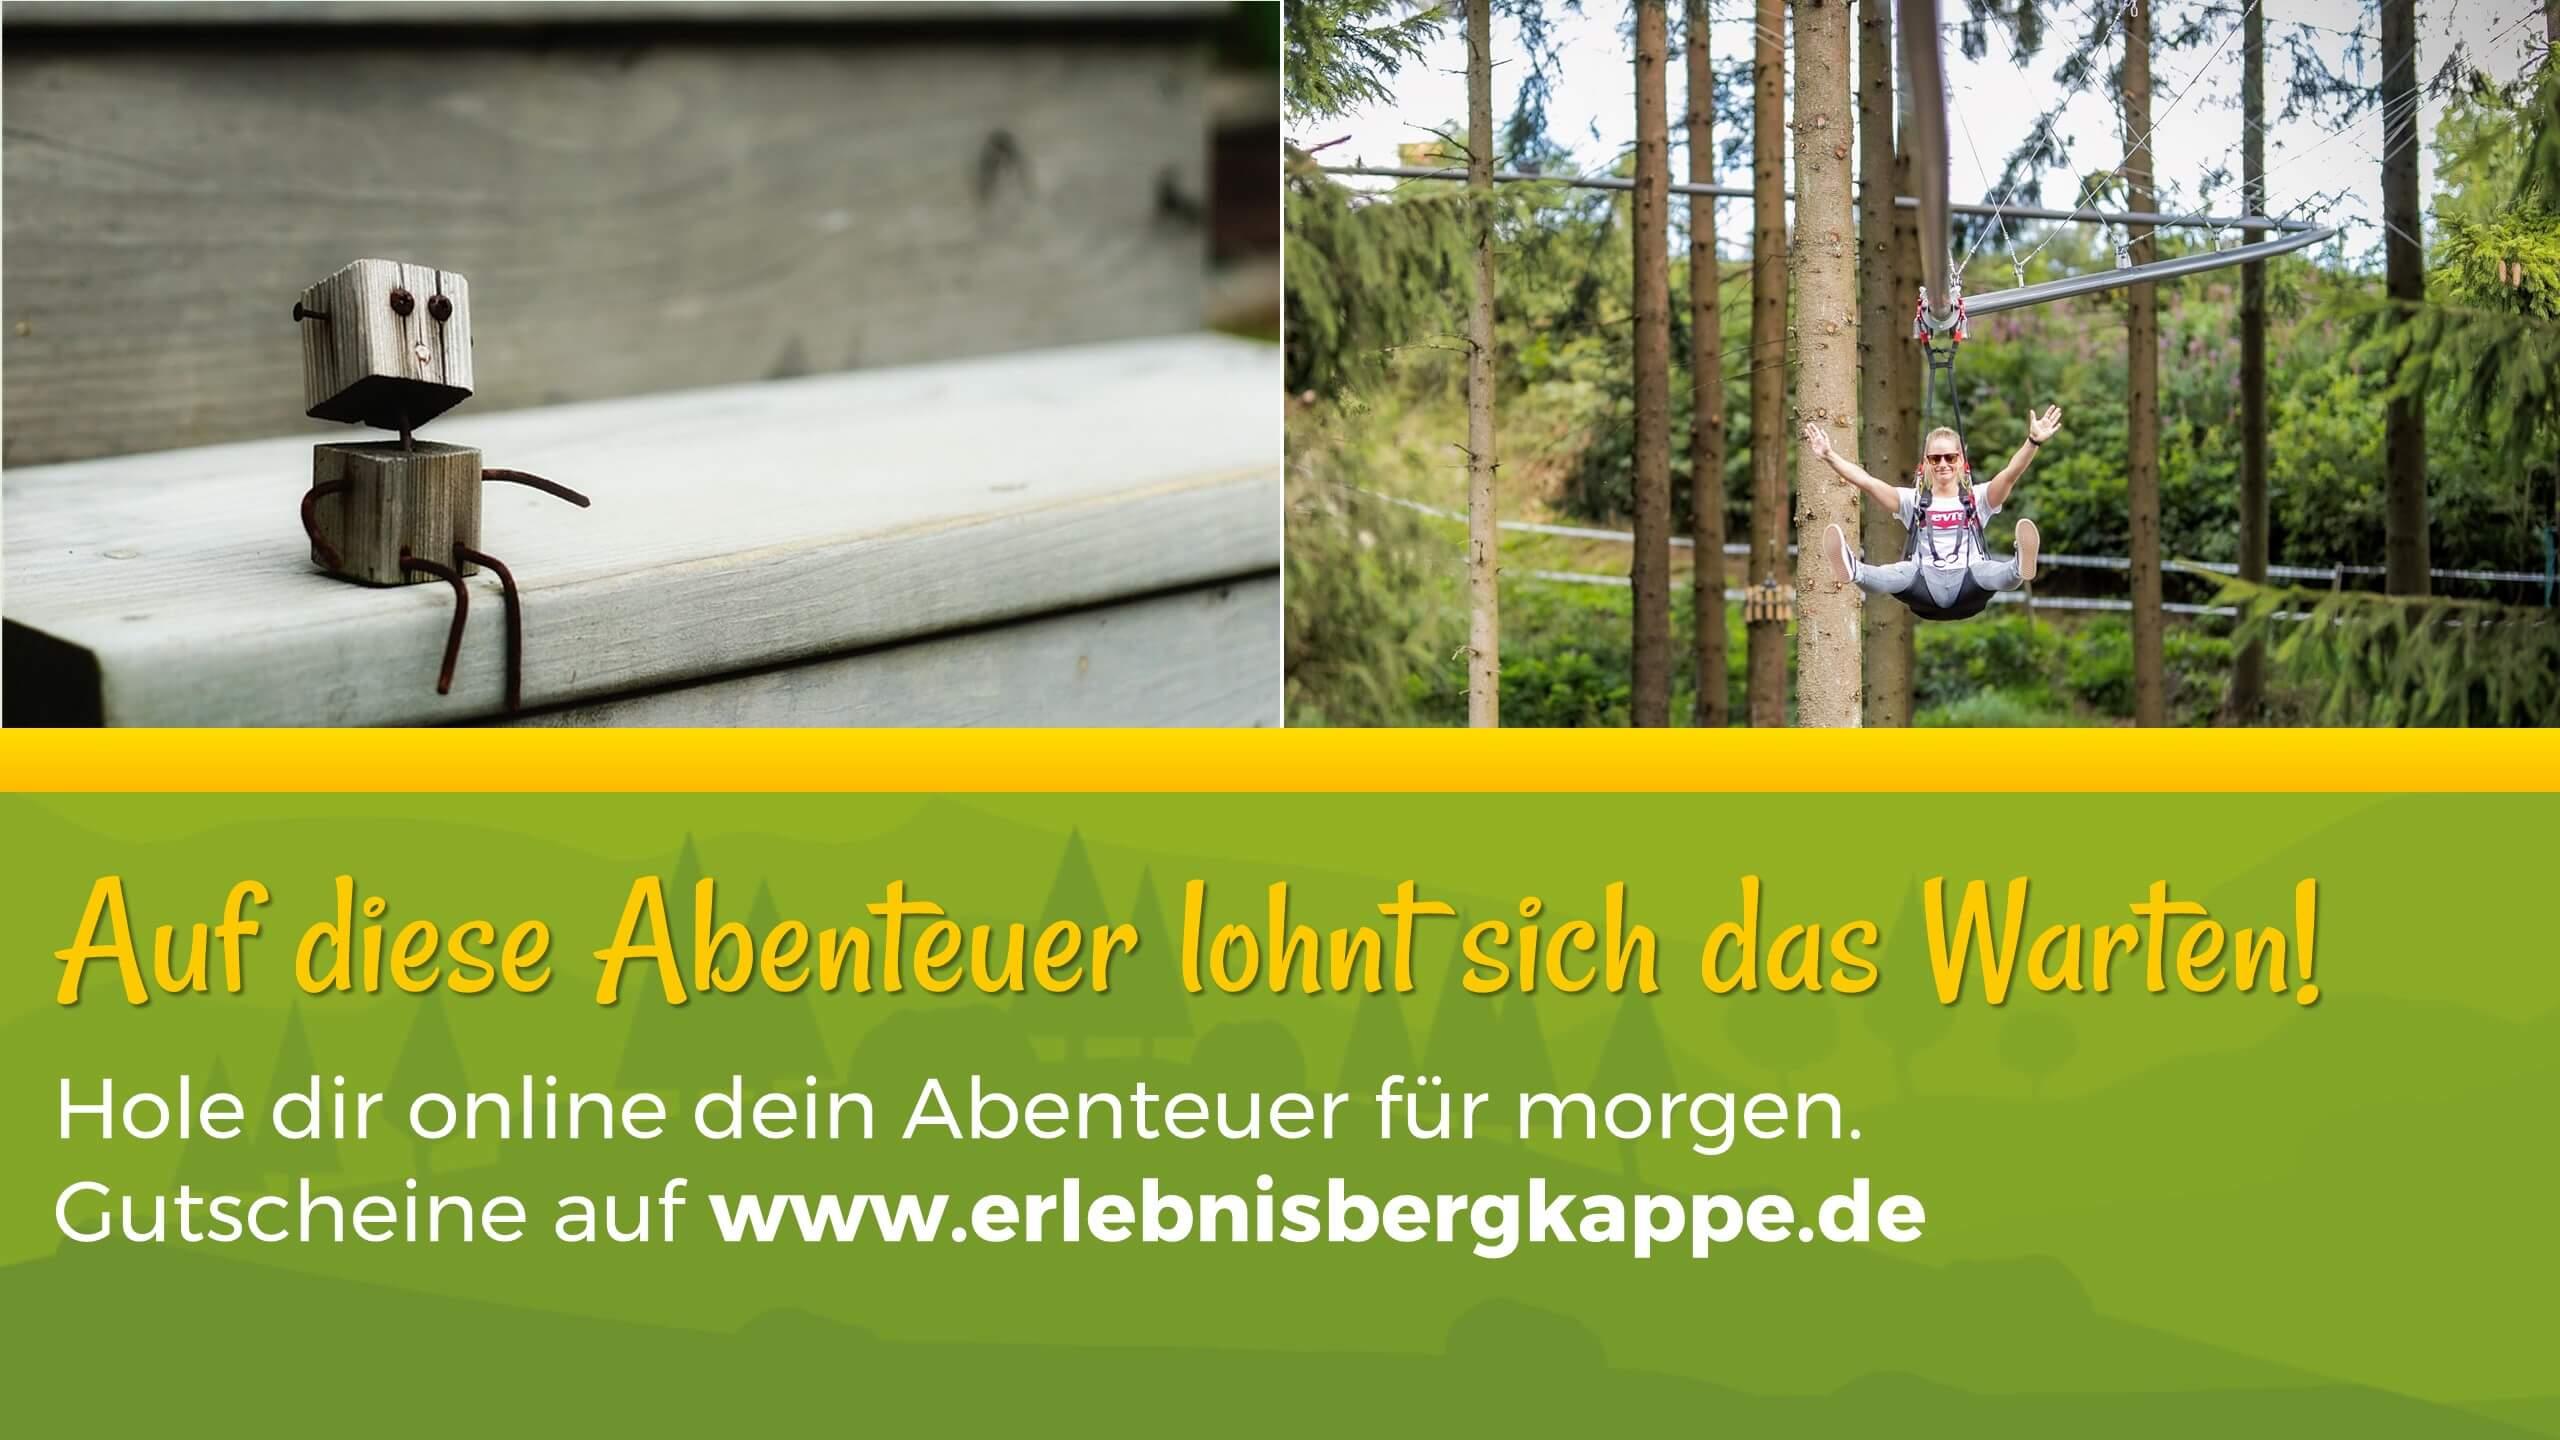 Gutscheine Erlebnisberg Kappe Winterberg (7)